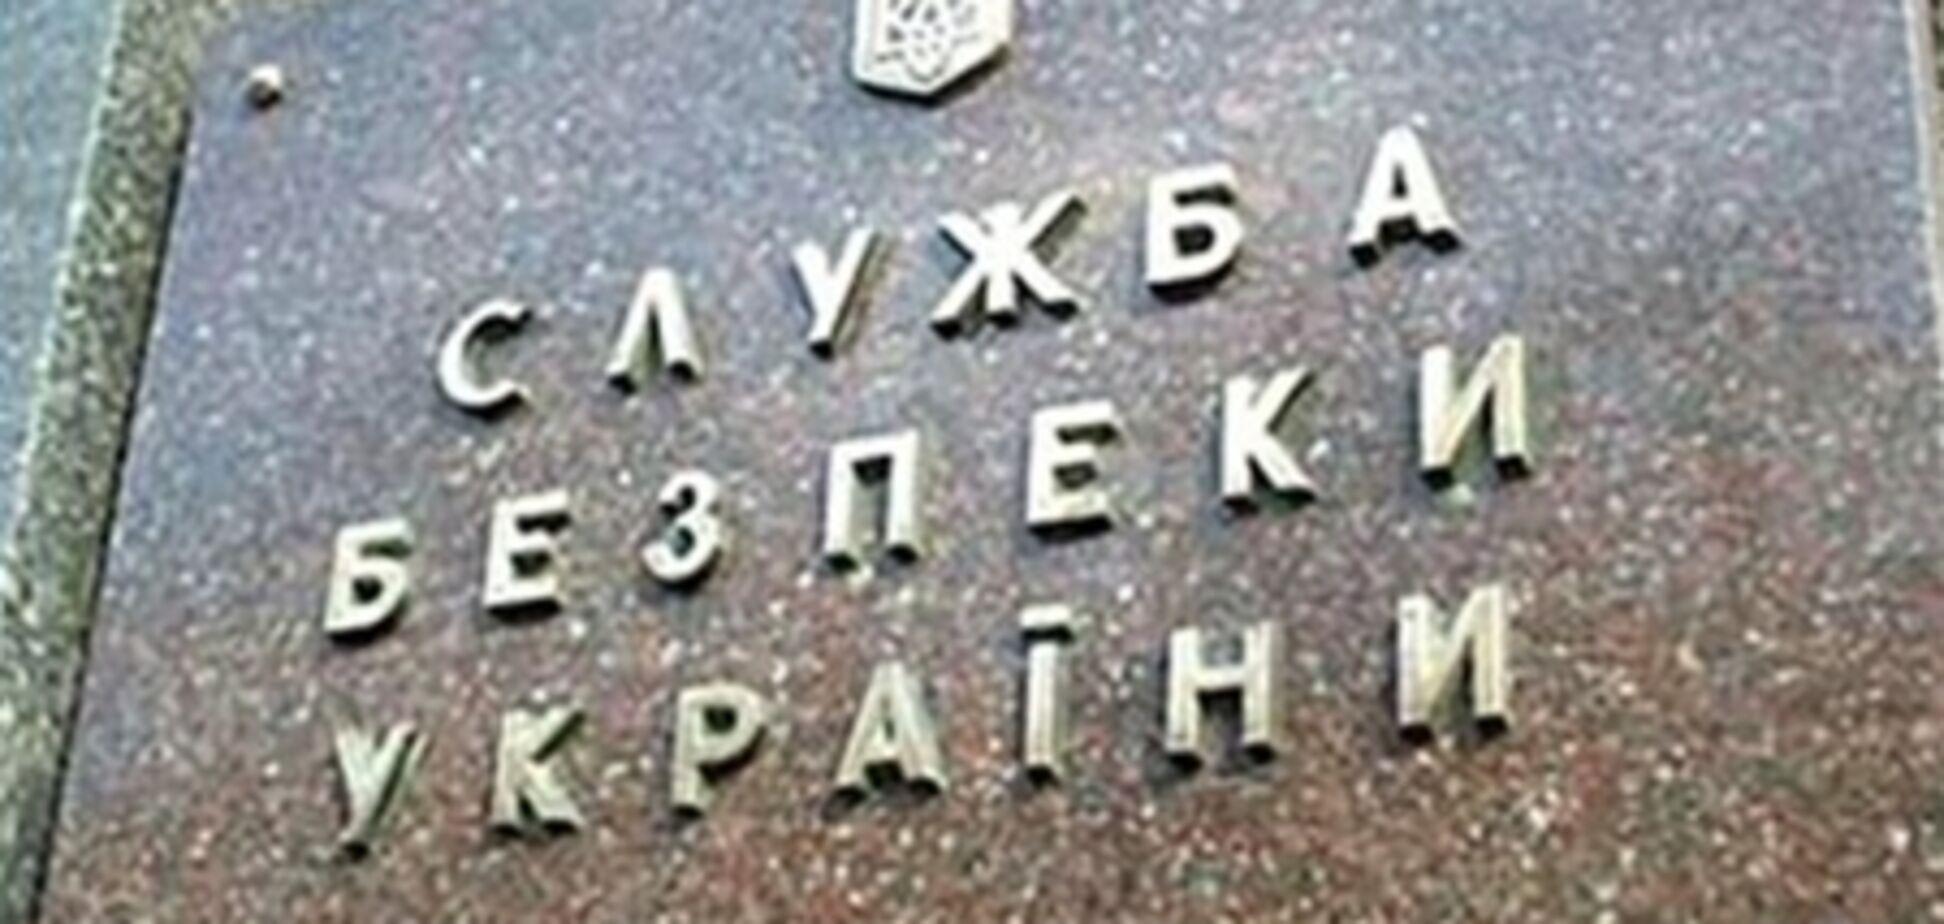 СБУ перекрыла канал переправки иностранцев из Украины в ЕС